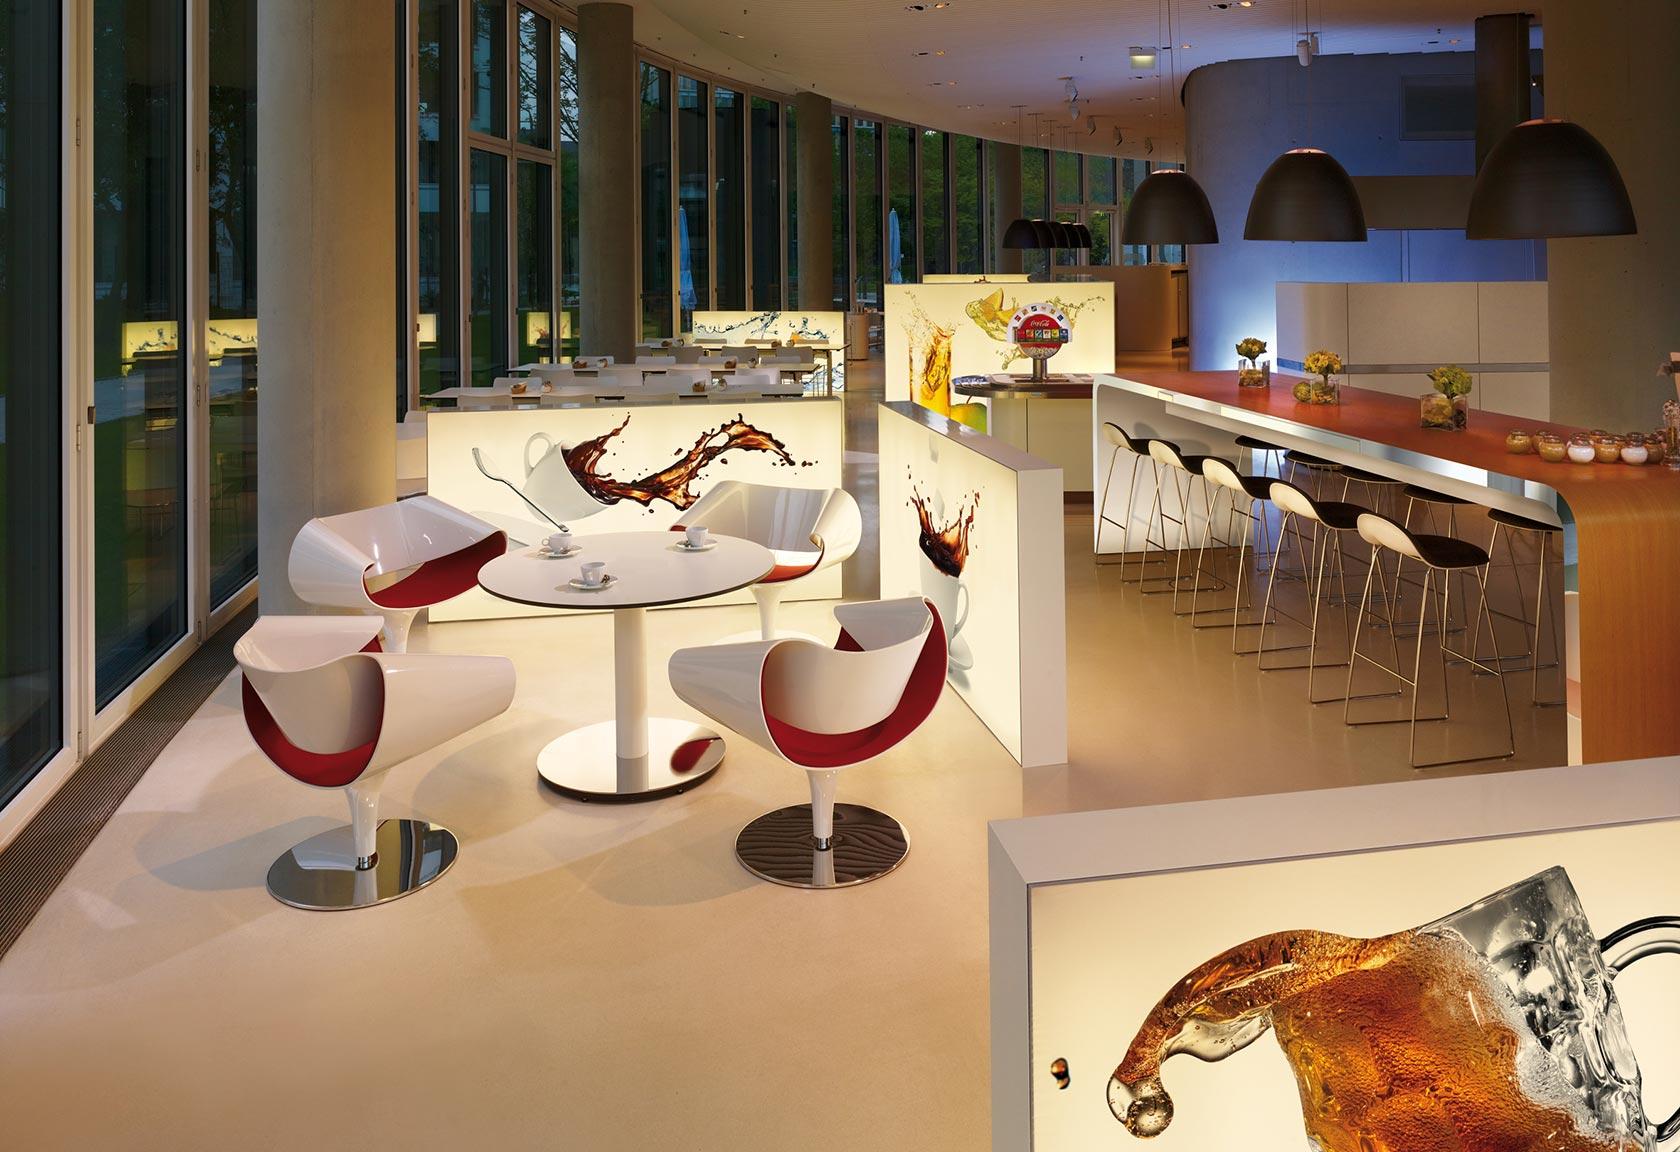 Cafeteria mit beleuchteten Bildwänden